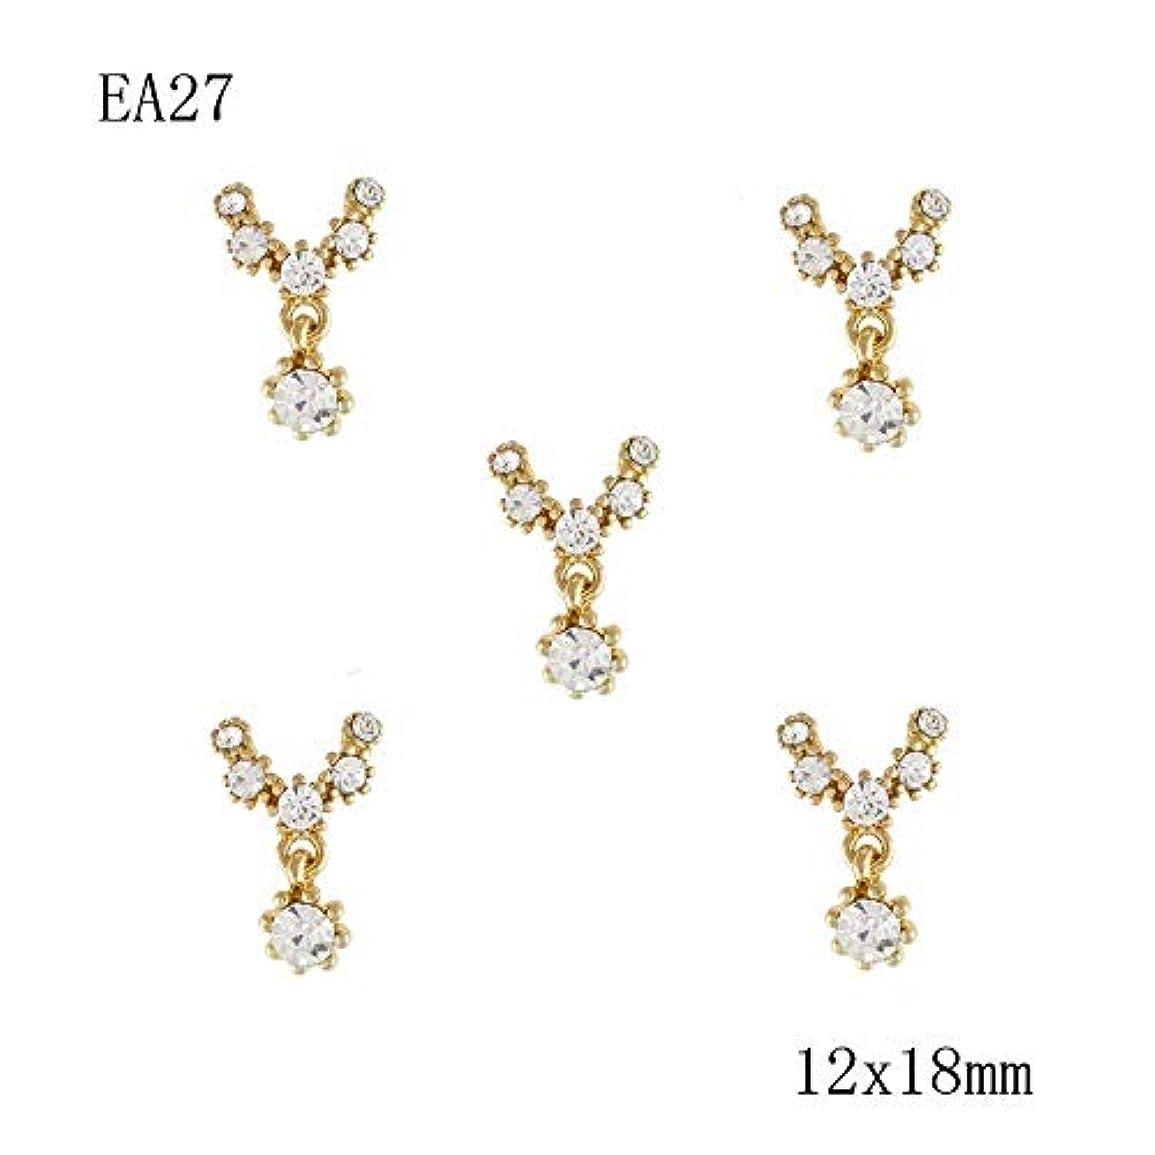 胸上級湖10PCS金銀金属の3Dダイヤモンドネイルアートクリスマスの装飾の魅力の爪は、ラインストーンネイル用品の宝石クリスマスのキラキラ,21